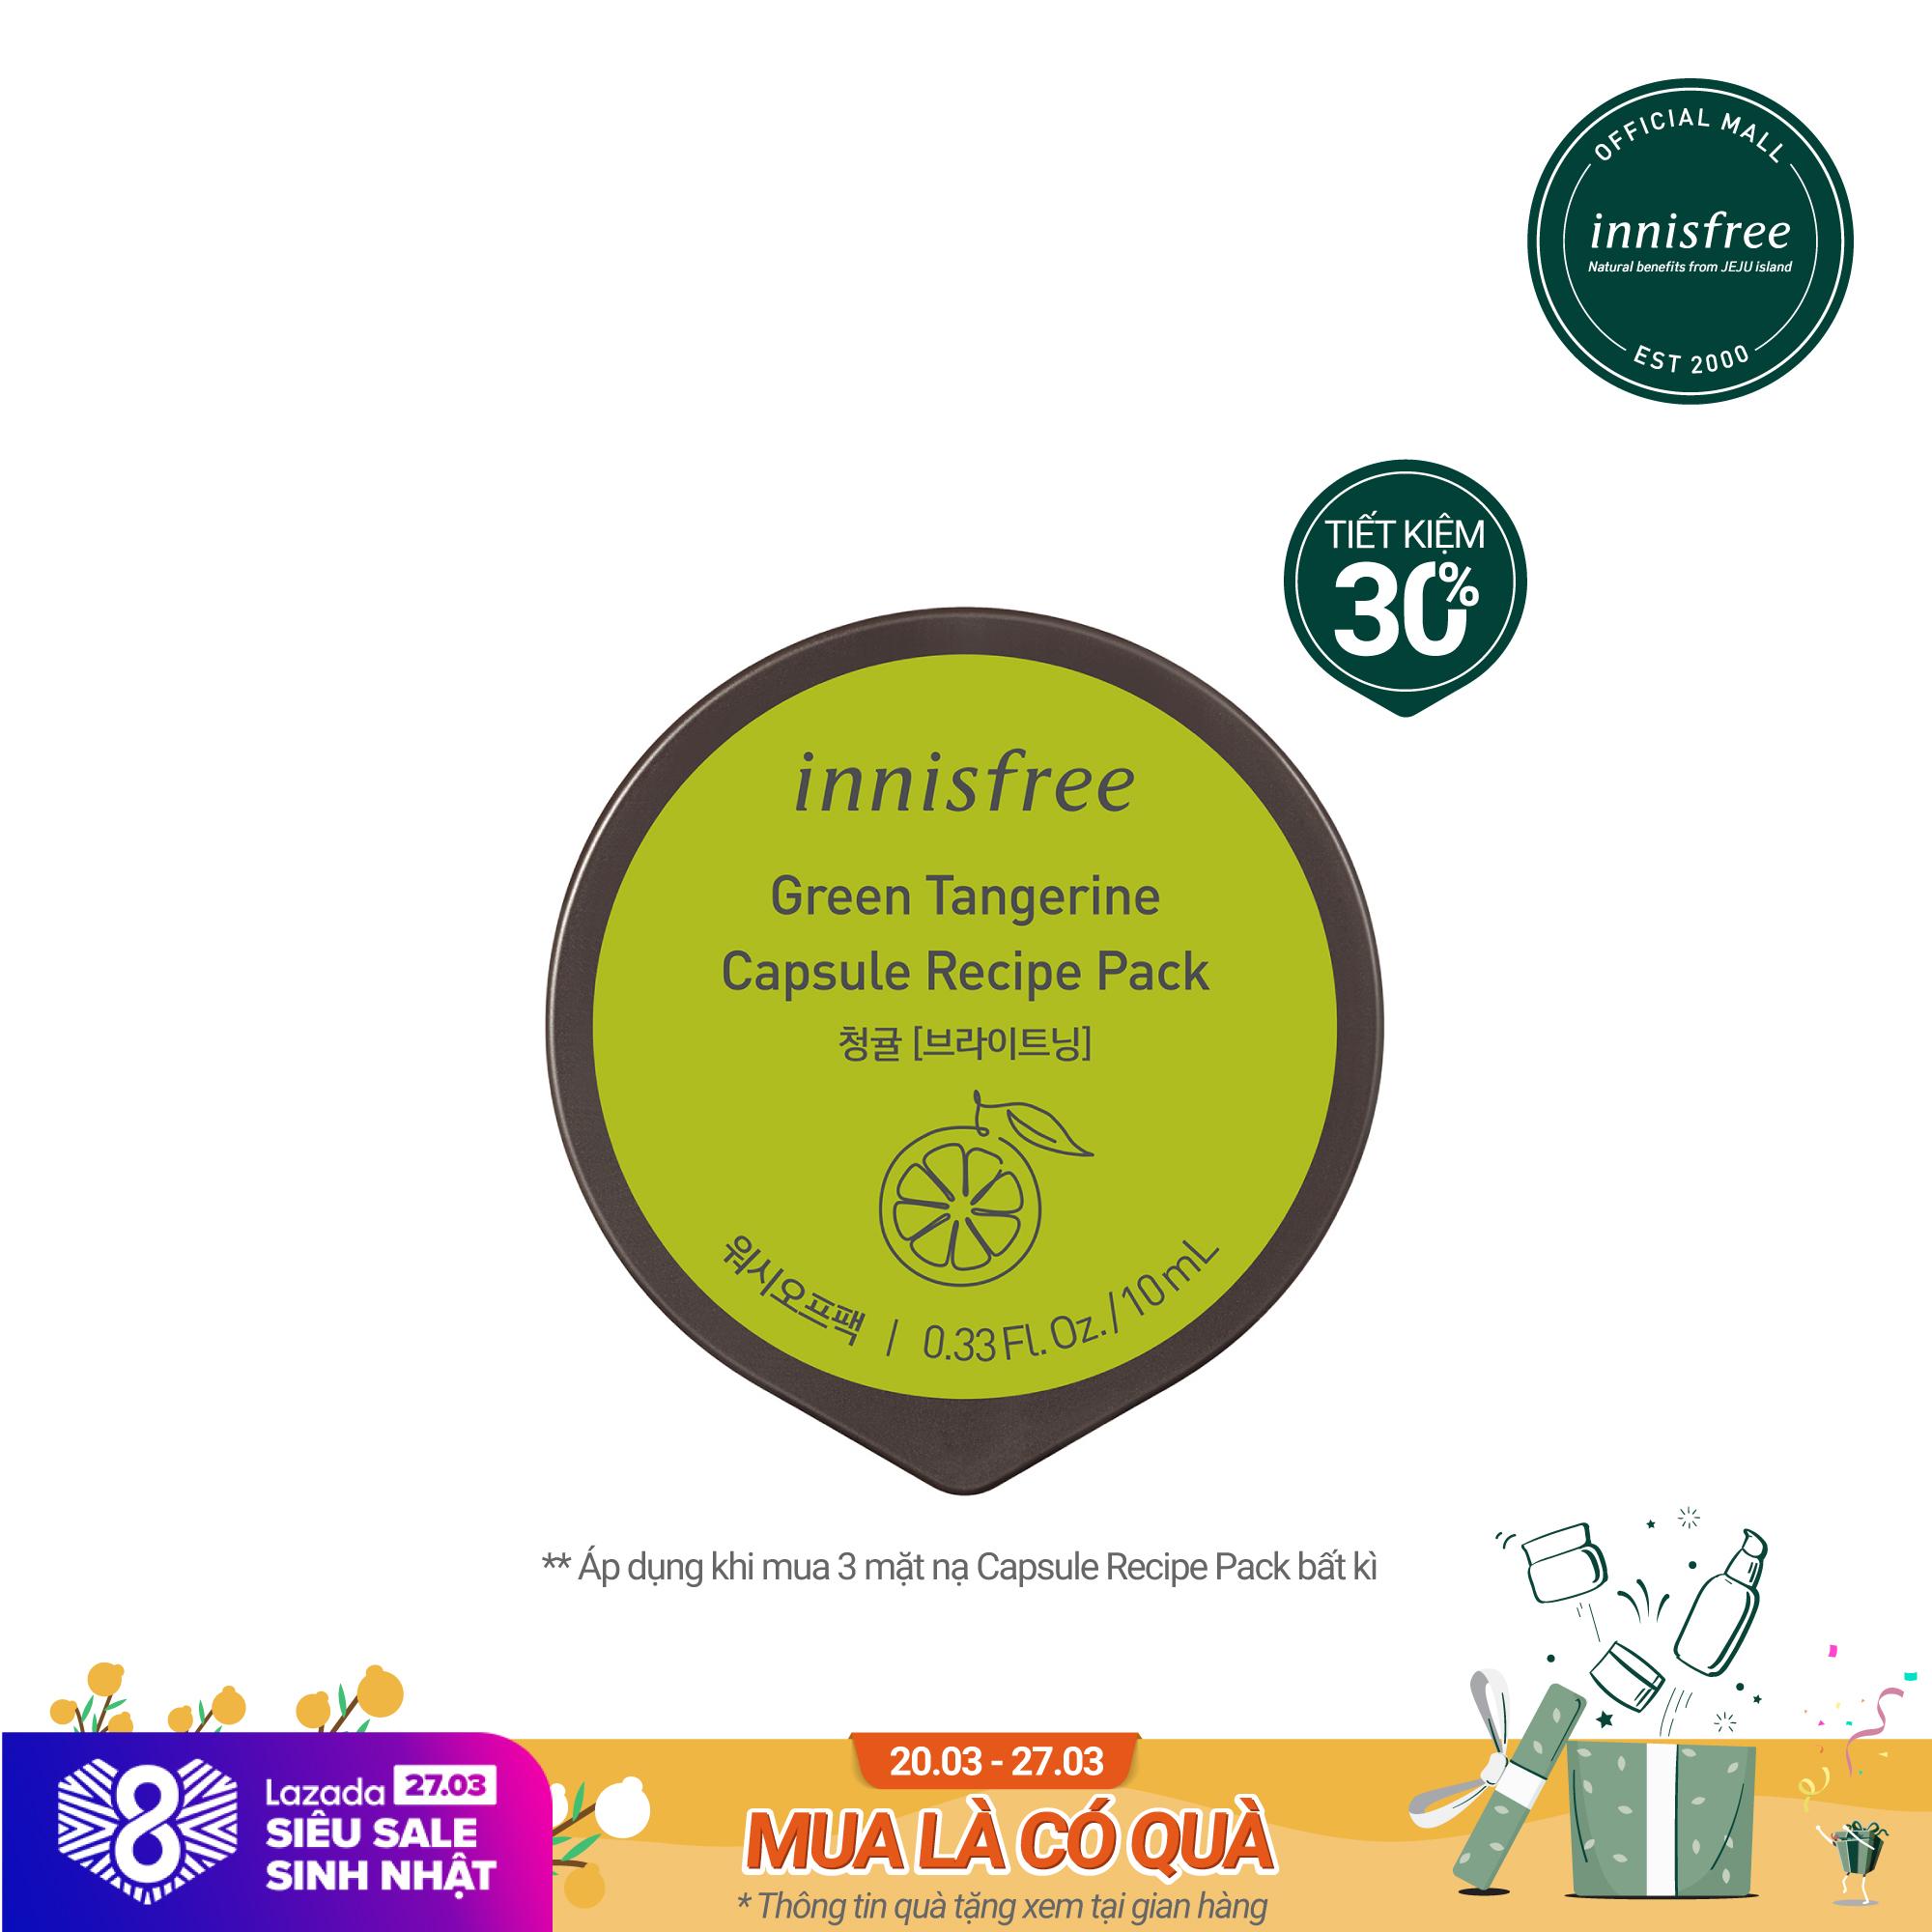 Mặt nạ rửa dạng hũ từ quýt xanh innisfree Capsule Recipe Pack Green Tangerine 10ml cao cấp